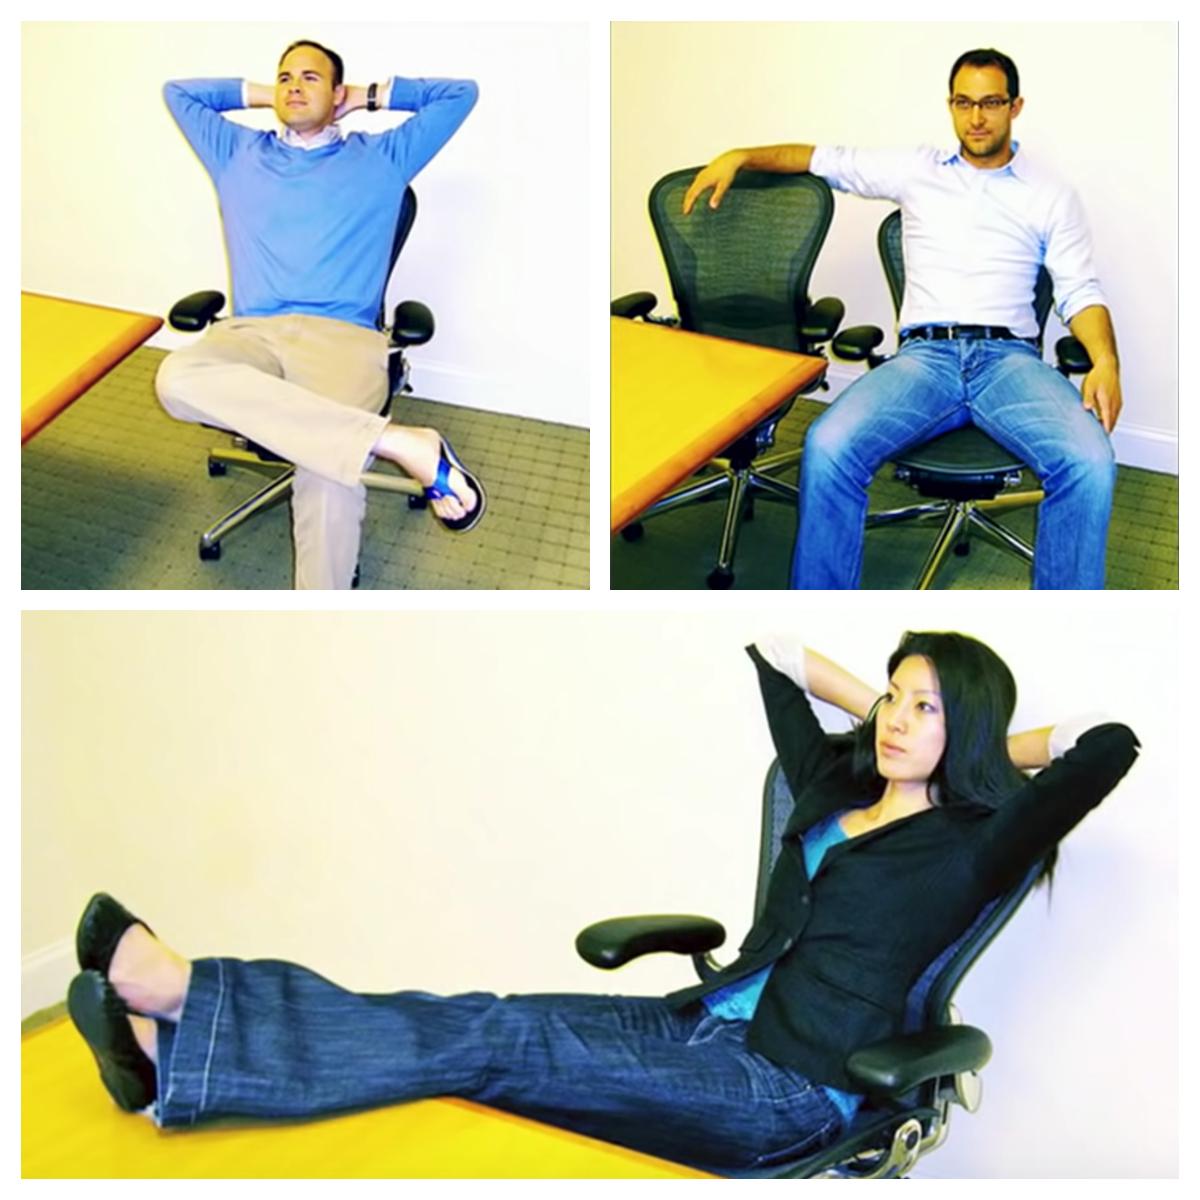 Pour préparer un entretien d'embauche, pensez à adopter ces types de high power poses